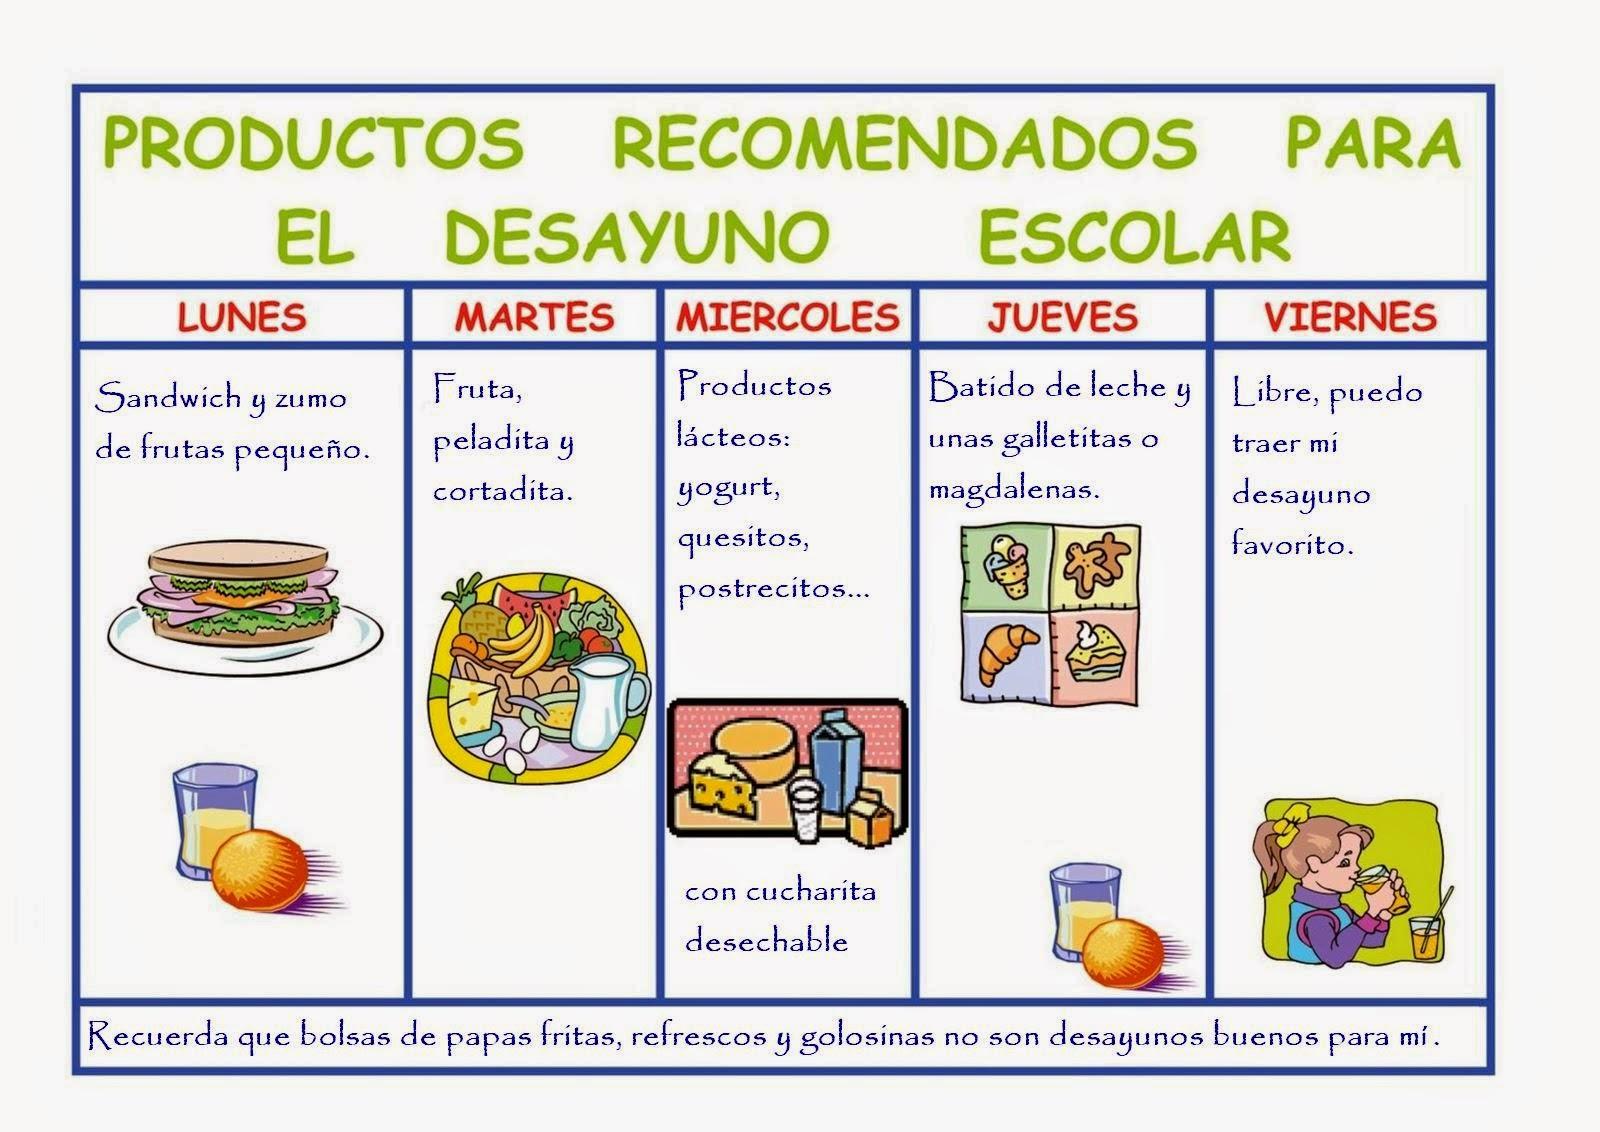 Productos recomendados para el desayuno escolar